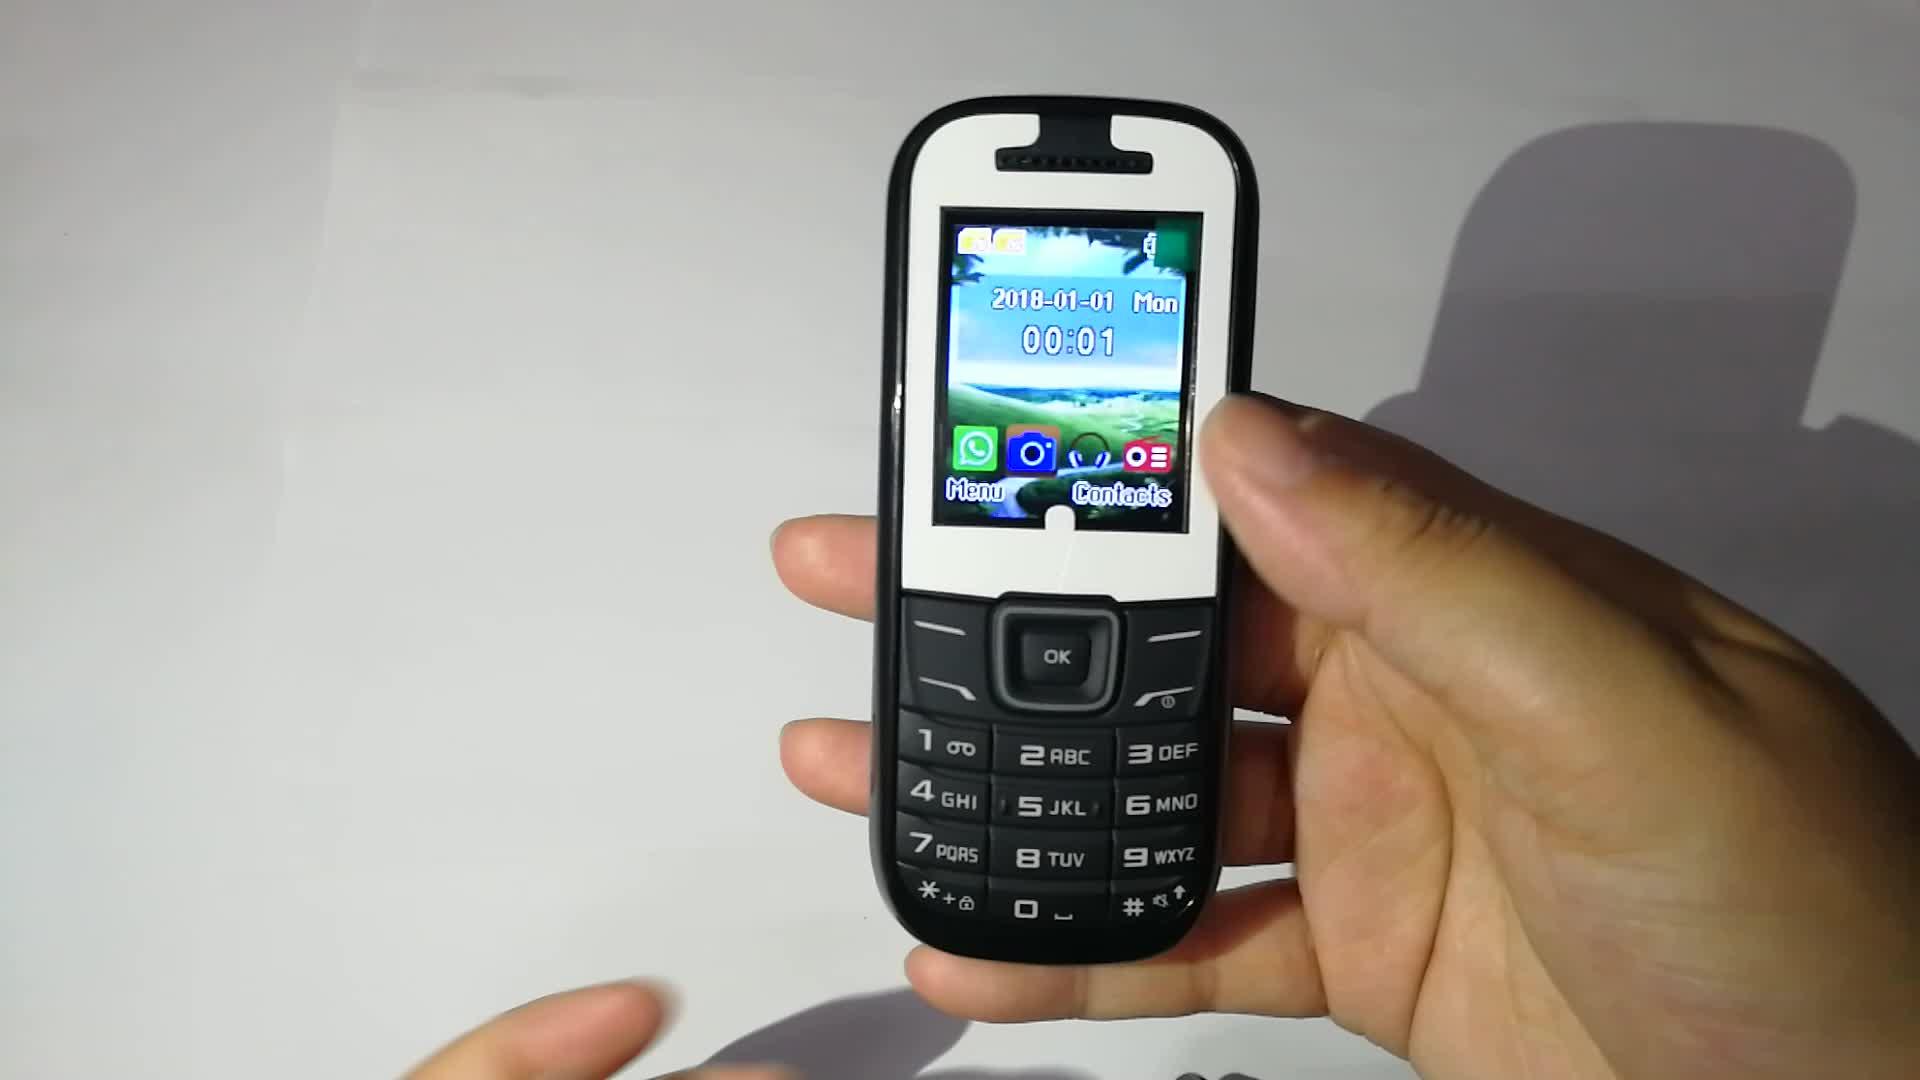 هاتف محمول 2g رخيص الثمن بسعر زهيد من خلال جدول بيانات رقم الموديل spألوان trum6531 غير مقفول هاتف محمول جي بي آر إس GSM لهاتف سامسونج 1200 1207